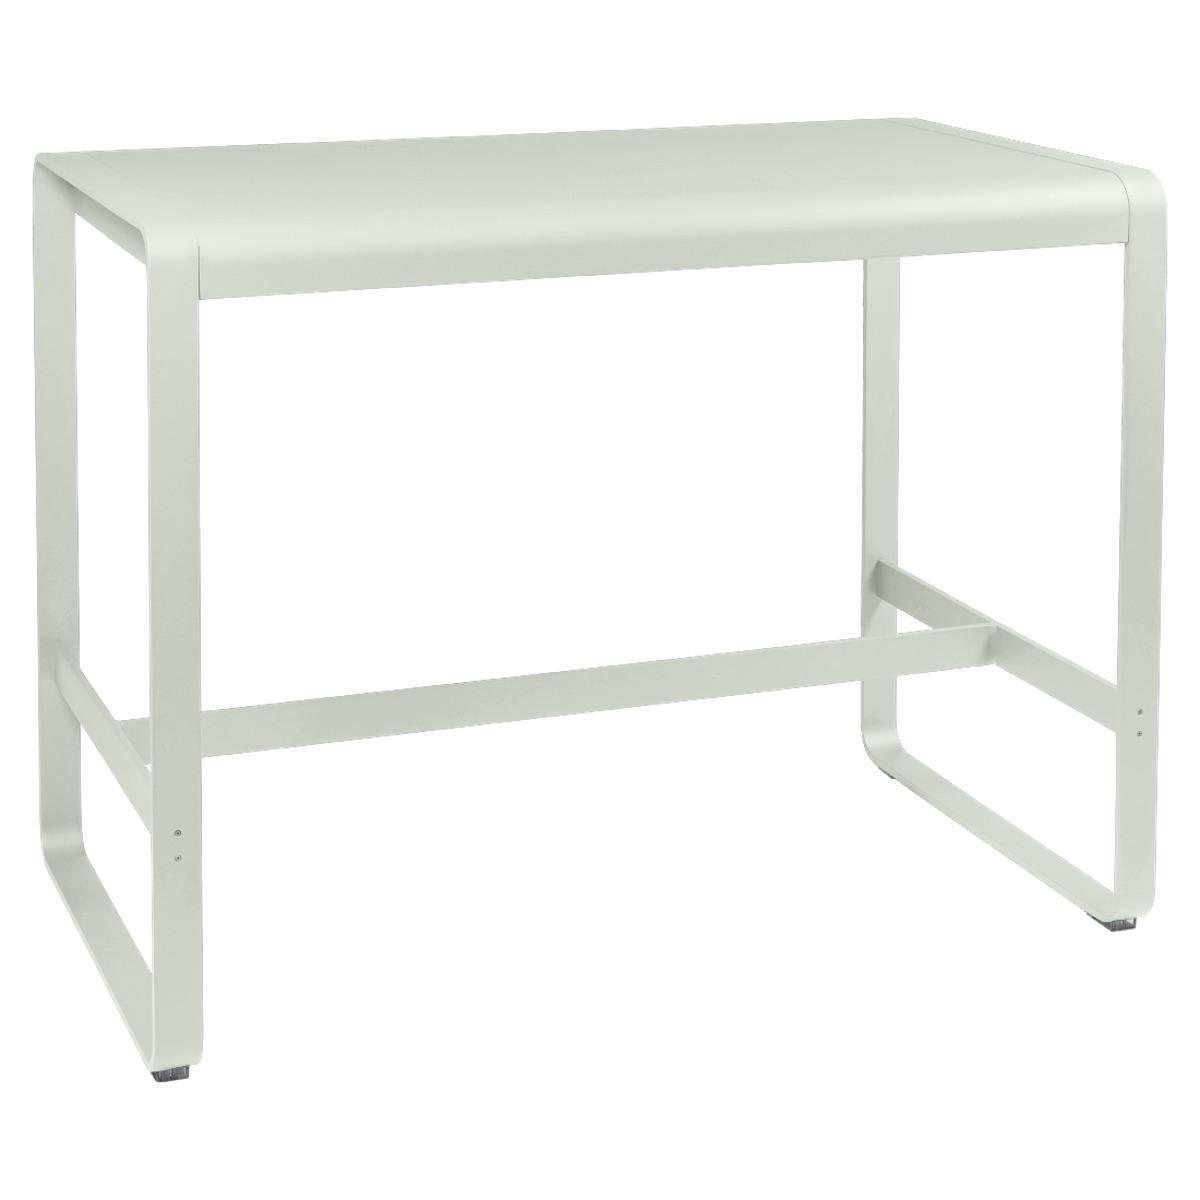 Table haute 80x140cm BELLEVIE Fermob gris argile